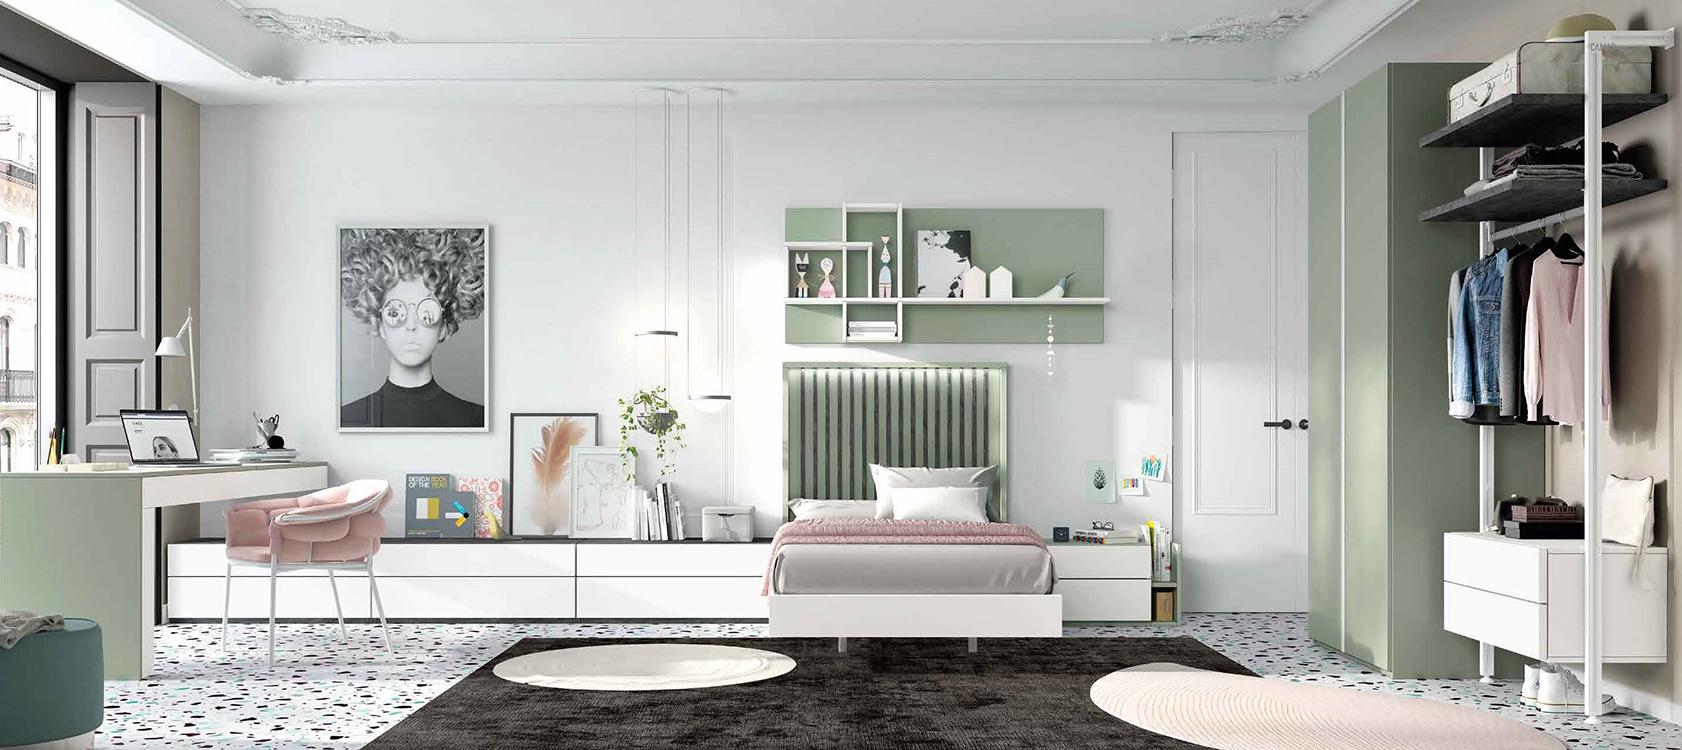 http://www.munozmuebles.net/nueva/catalogo/juveniles-modulares.html -  Composiciones de muebles de color negro